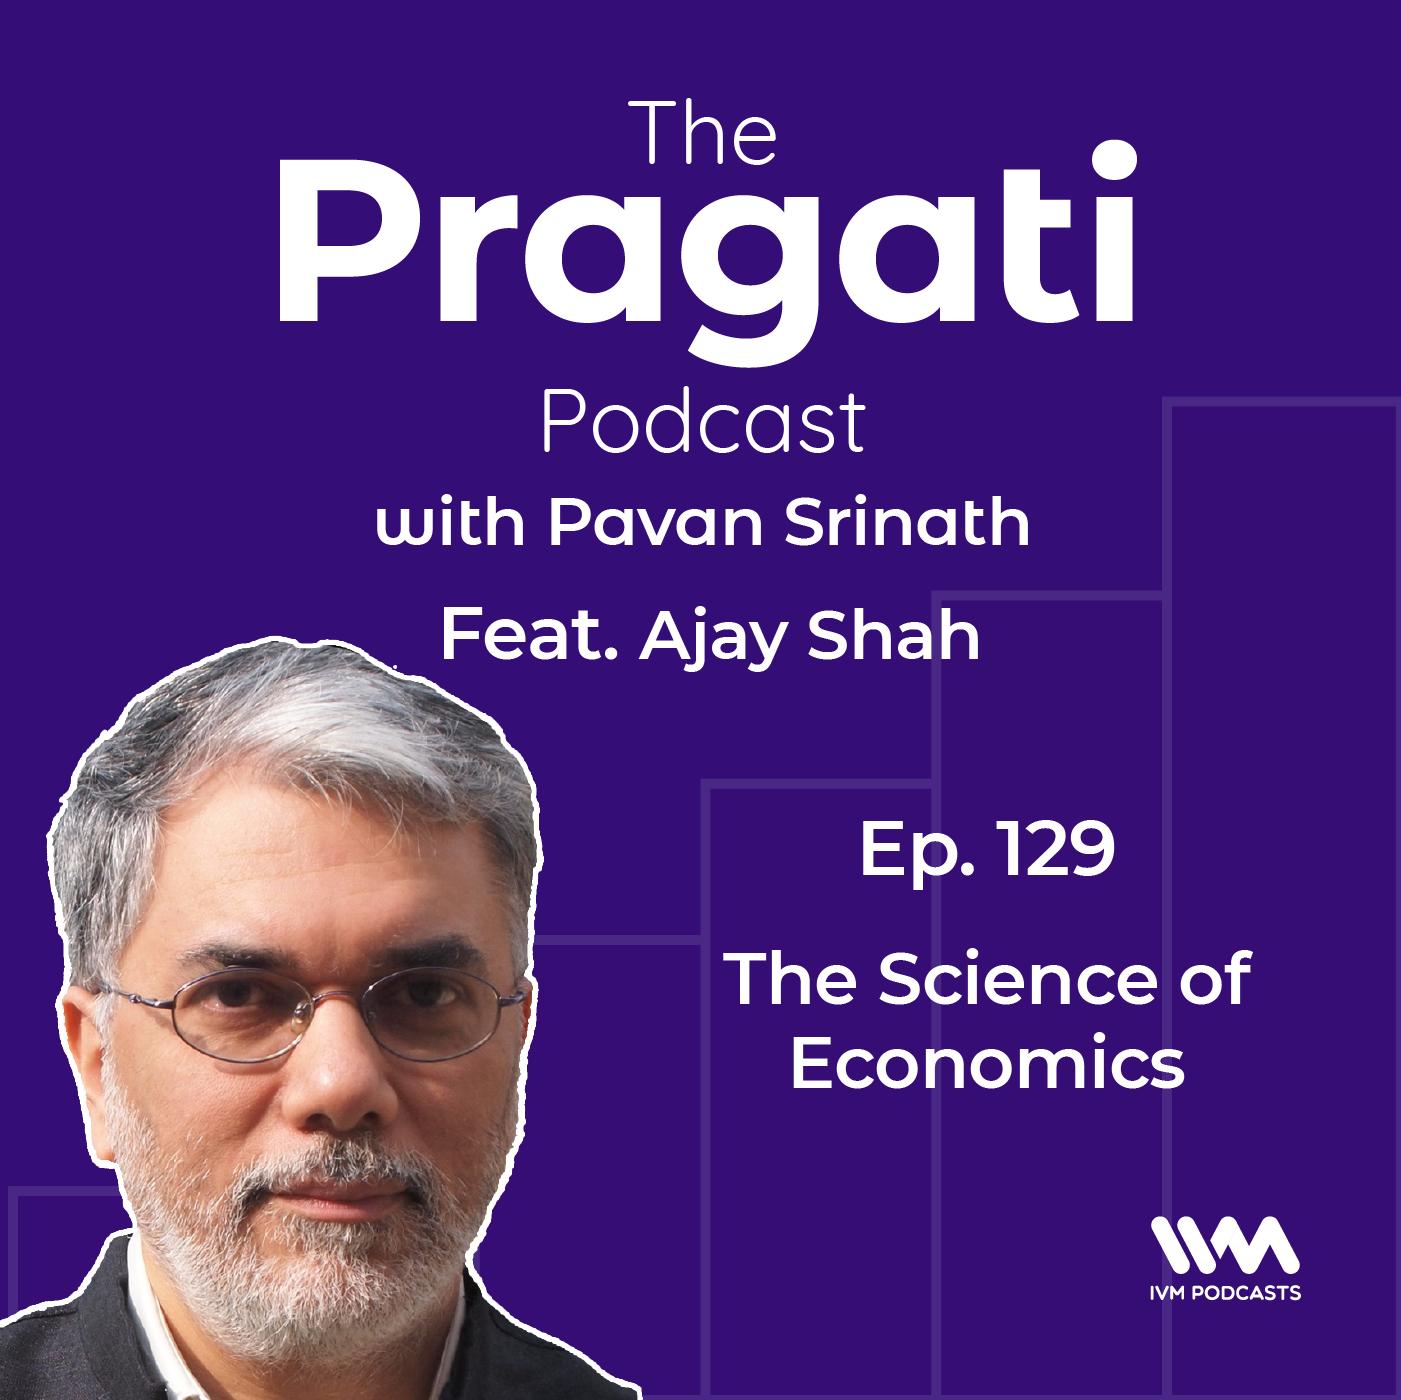 Ep. 129: The Science of Economics